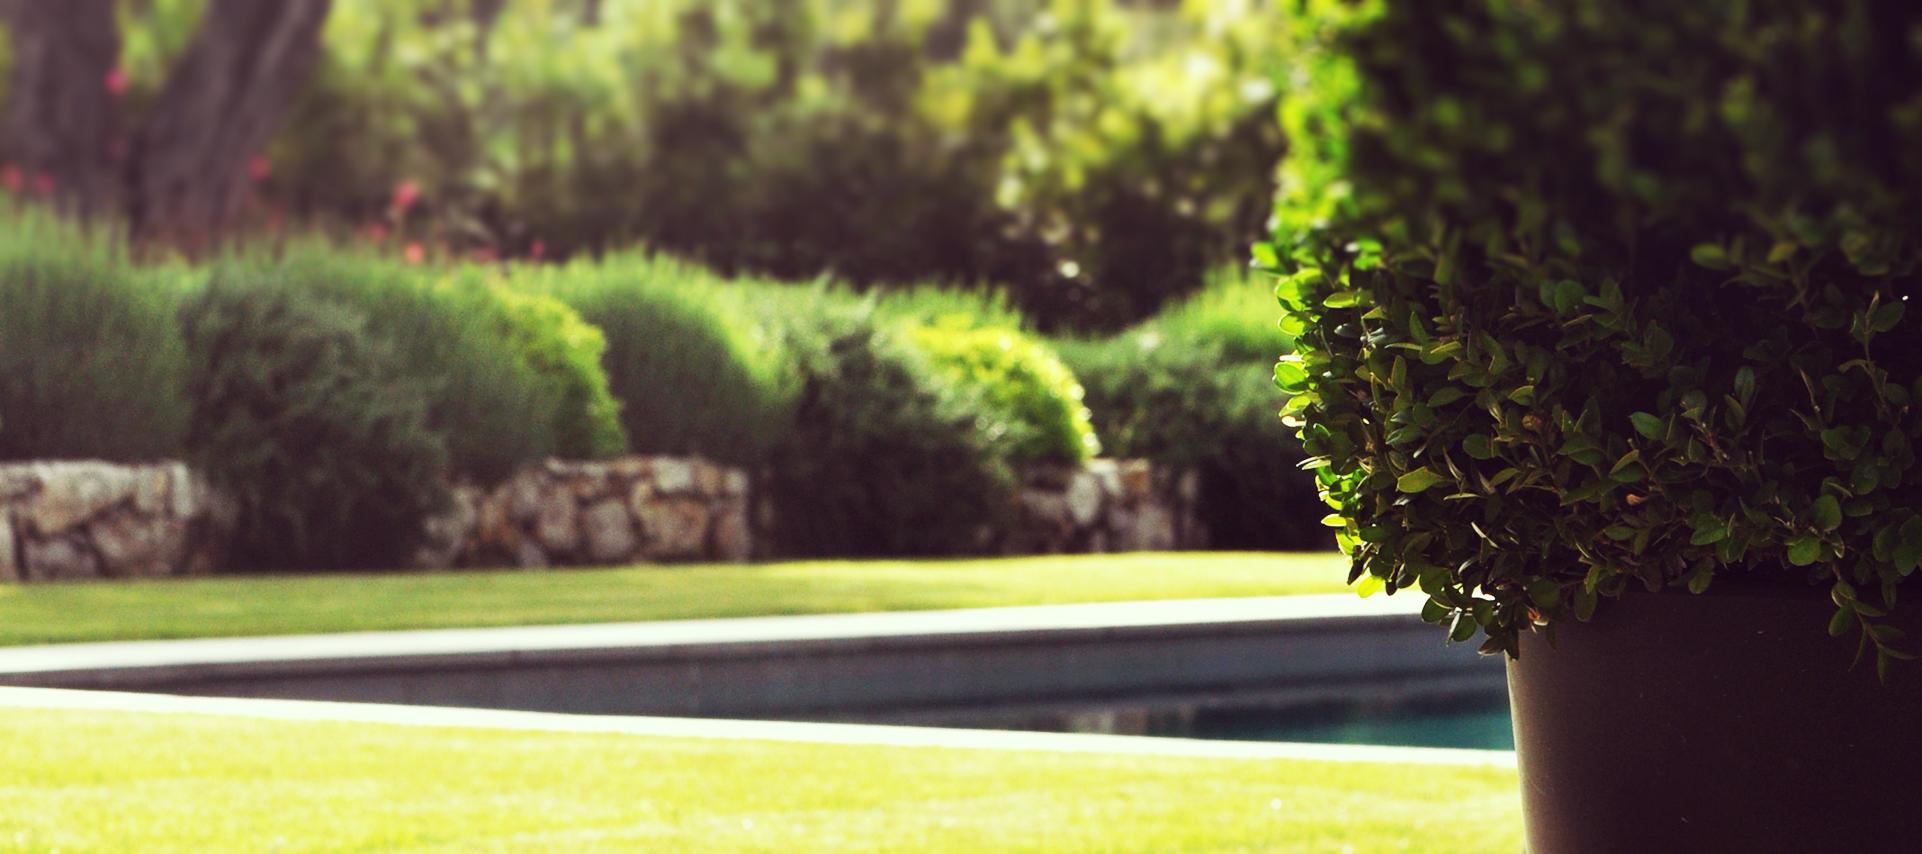 Entretien parcs et jardins adonis paysages for Entreprise parc et jardin